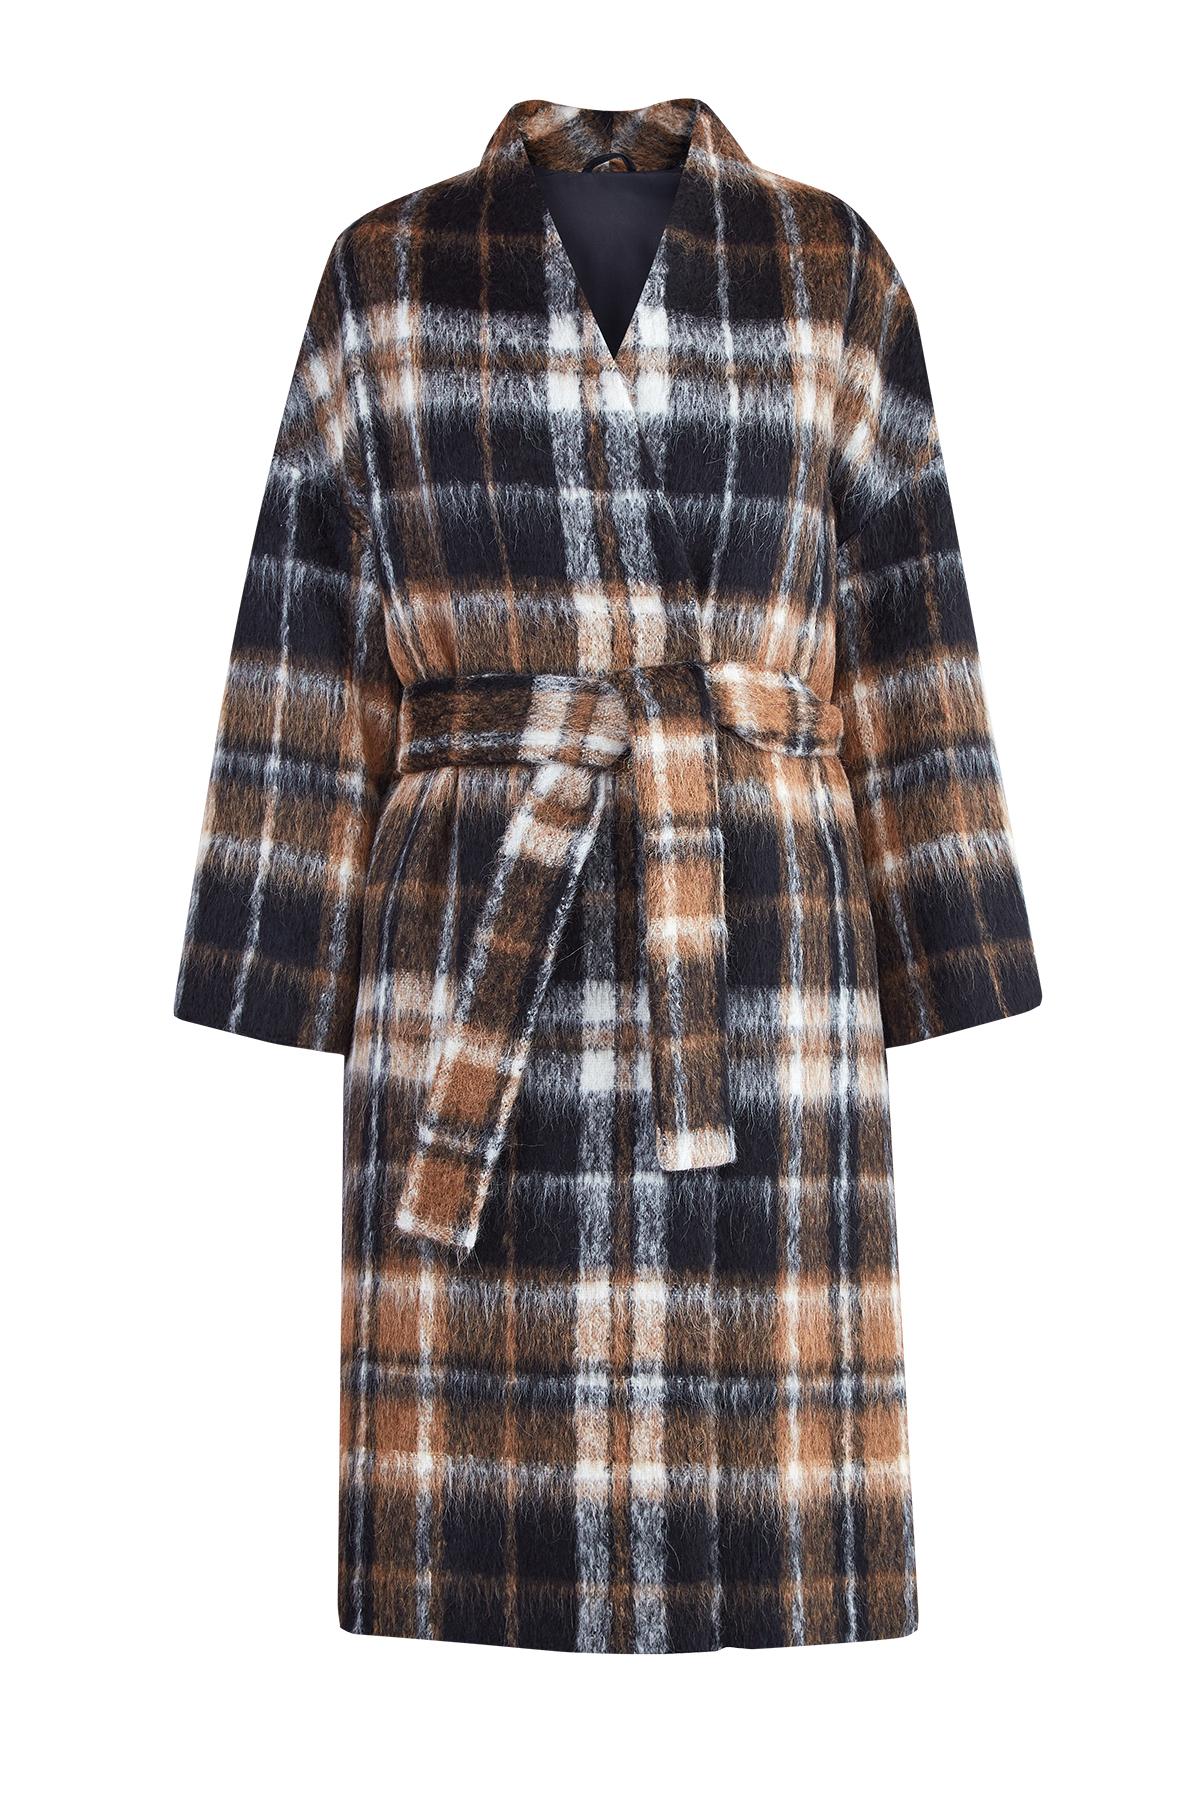 Пальто-халат из шерсти альпака с клетчатым узором фото